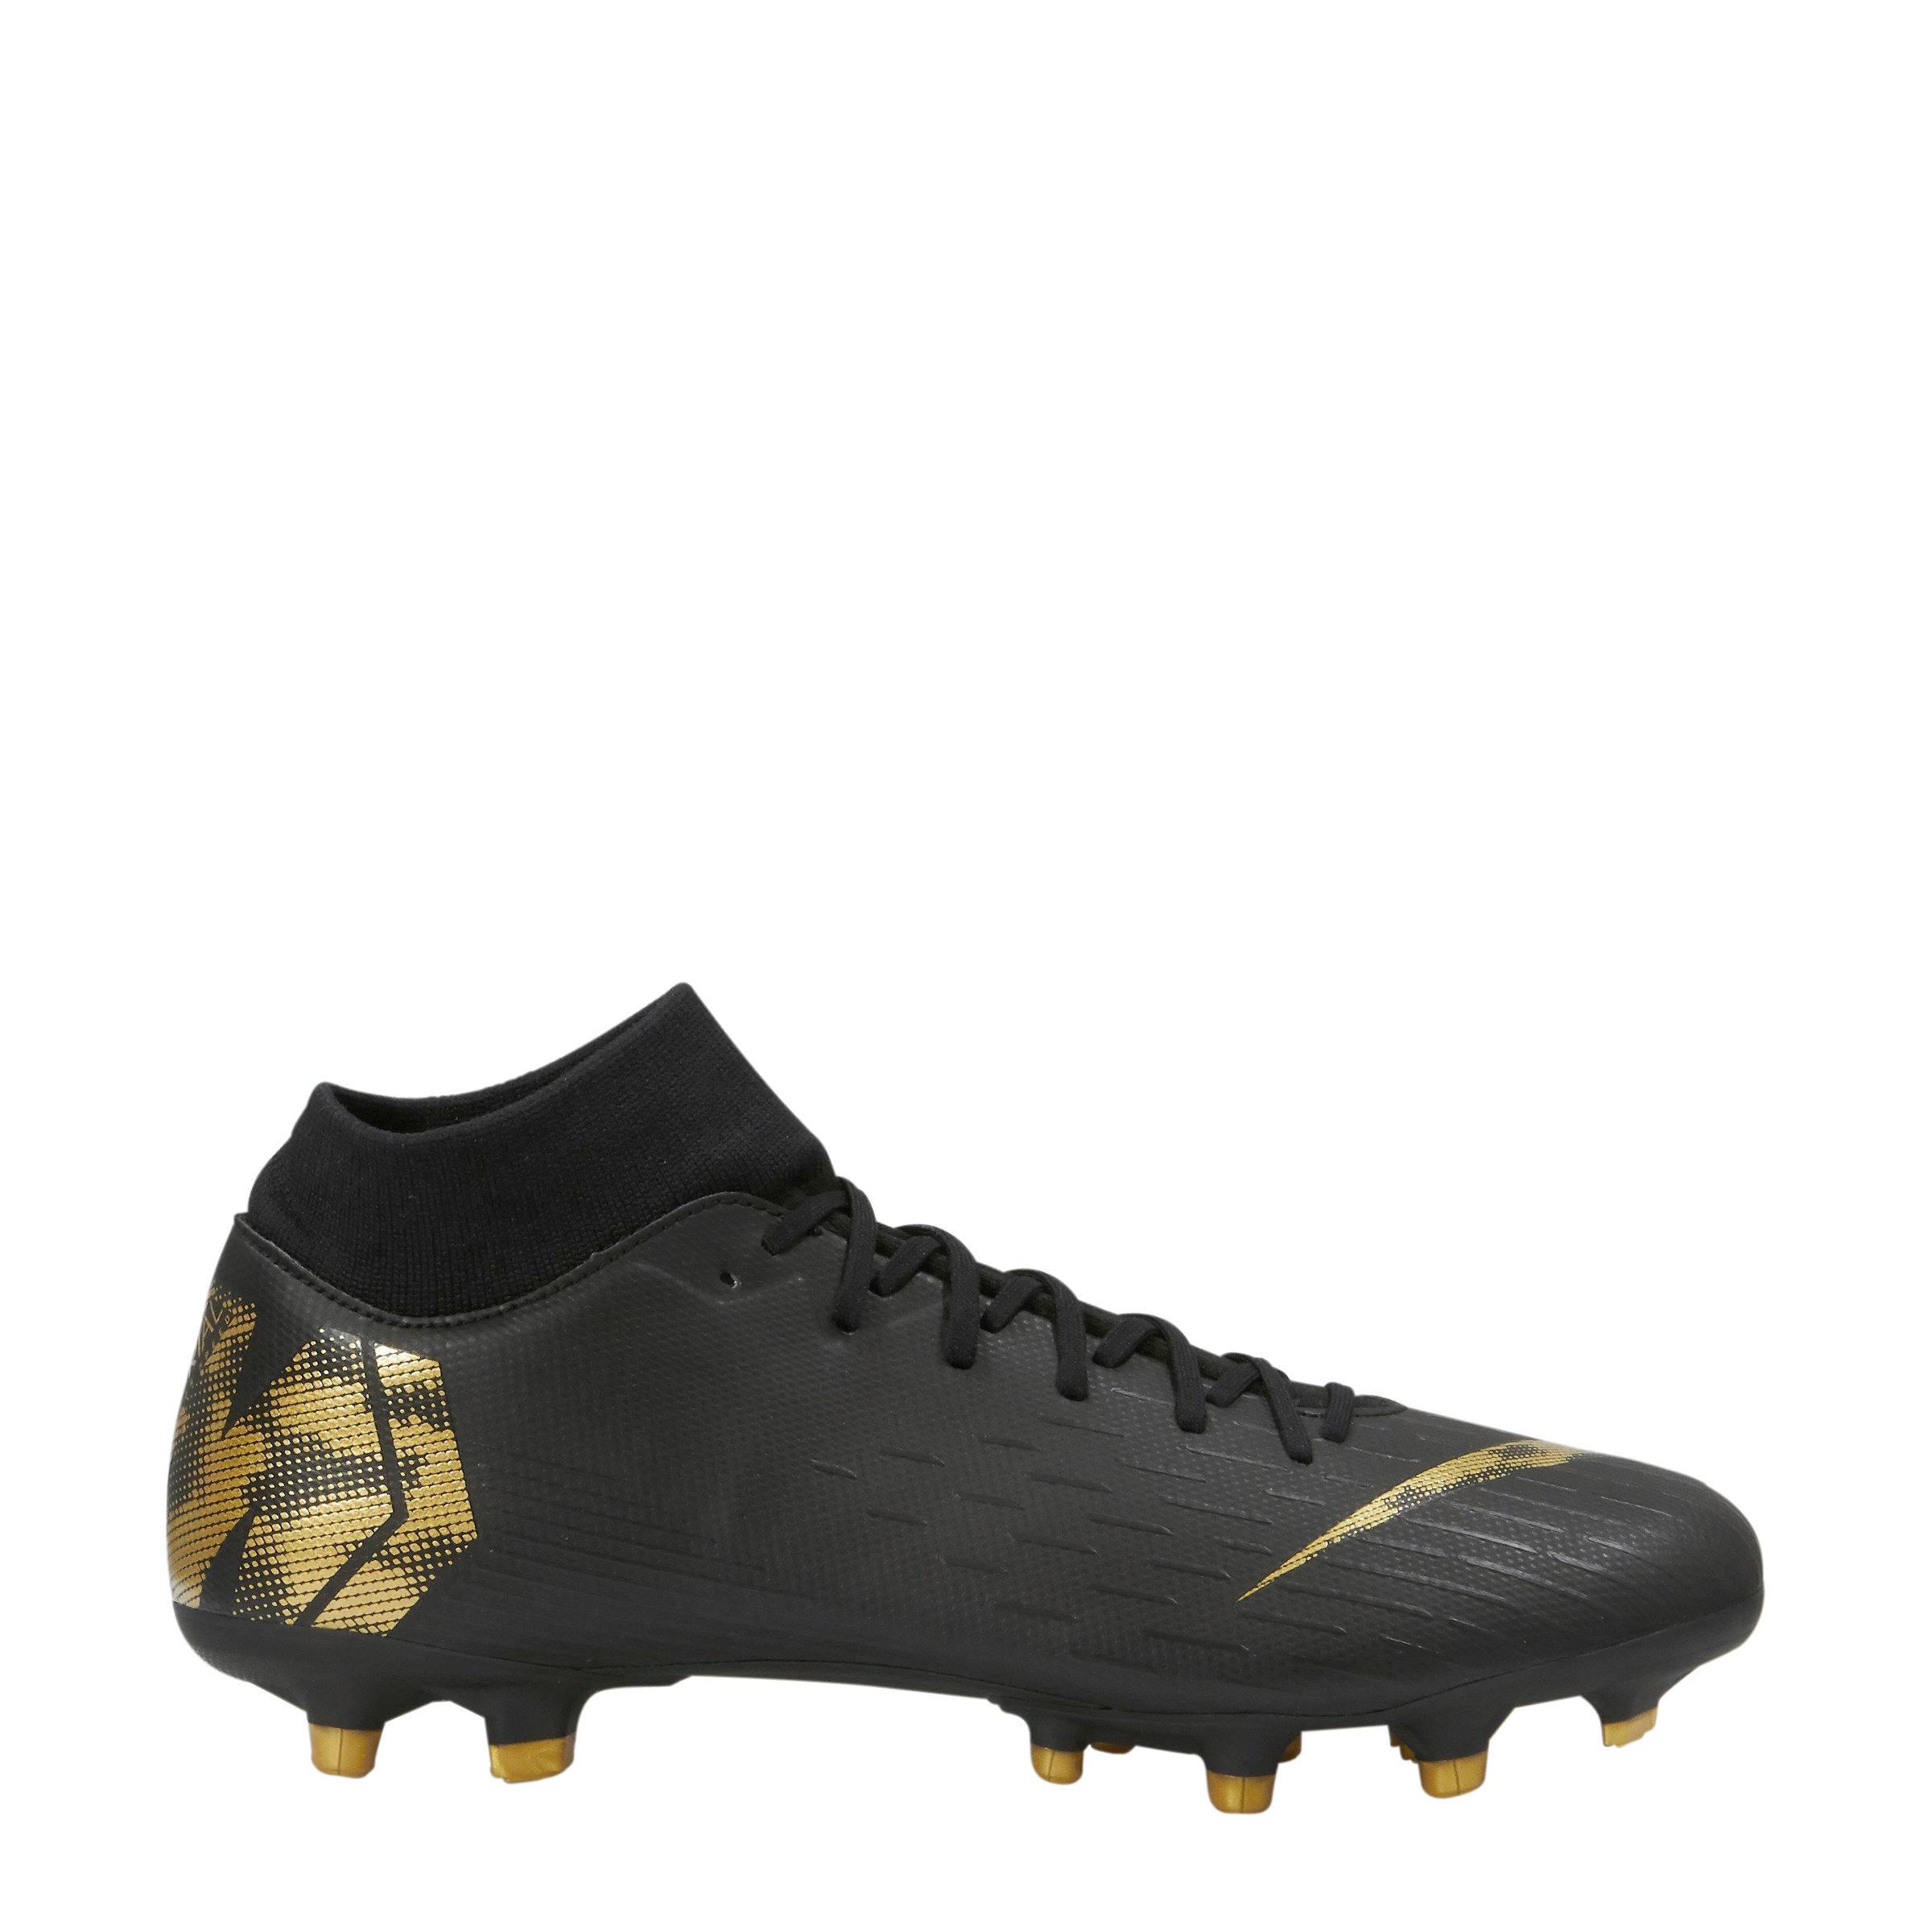 huge discount 0fd73 6f91d nike-mercurial-superfly-6-academy-fg-mg-voetbalschoenen-zwart -0886061578609.jpg